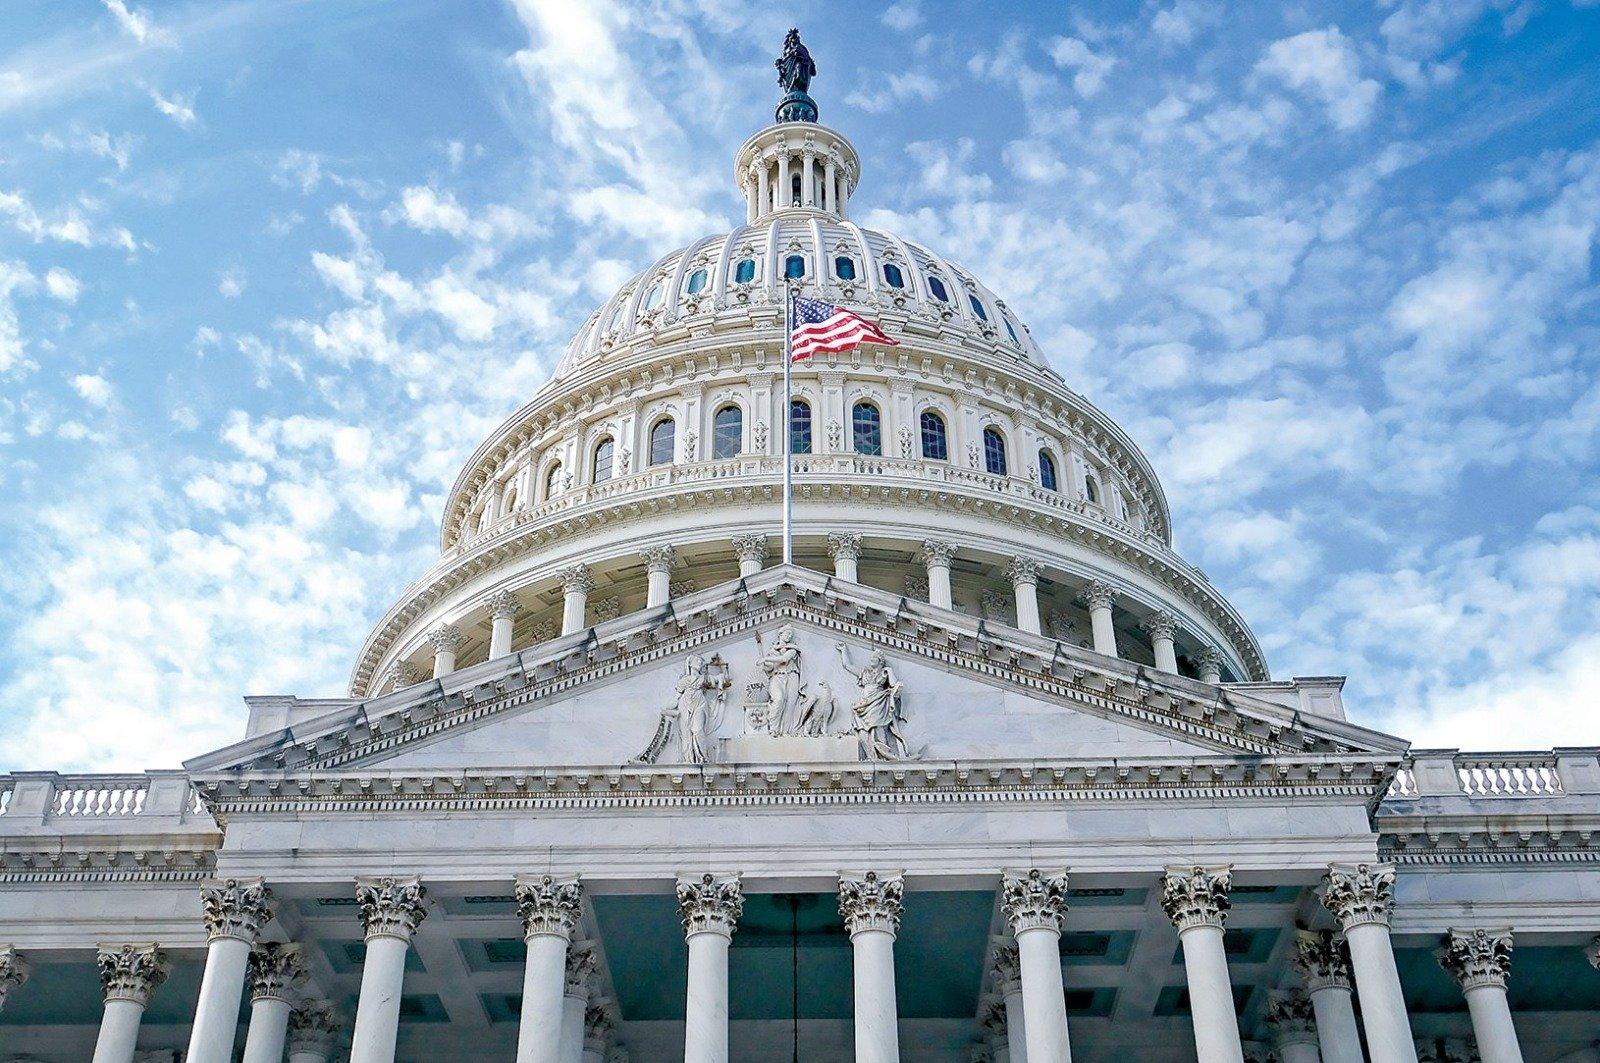 美國眾議院於12月7日通過《香港人民自由和選擇法案》,提供受政治迫害的港人「臨時保護身份」。圖為美國國會大廈。(大紀元資料圖片)